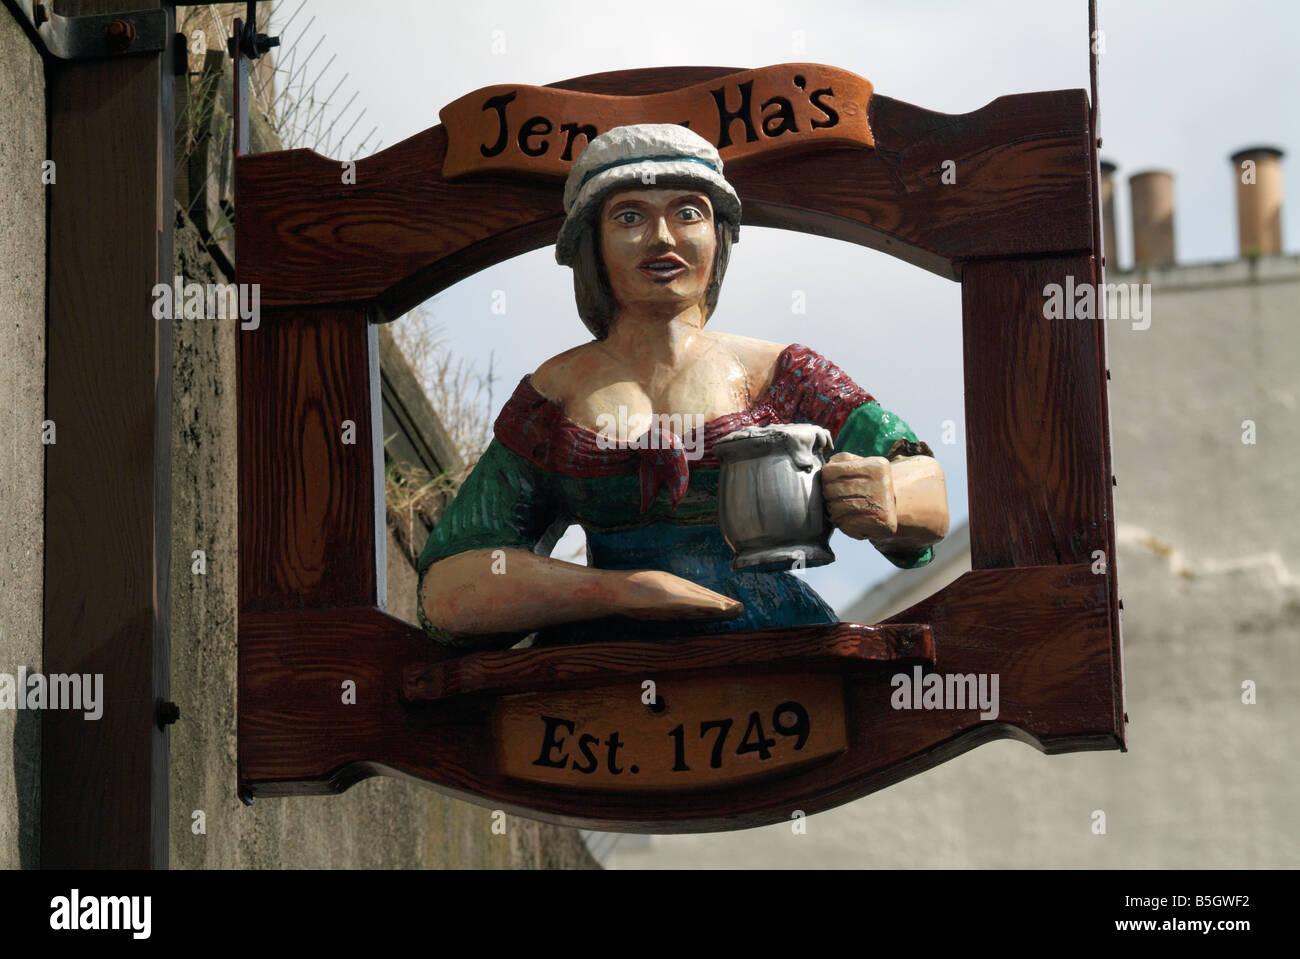 Sign for the Jenny Ha's pub on the Royal Mile, Edinburgh, Scotland, UK. Stock Photo